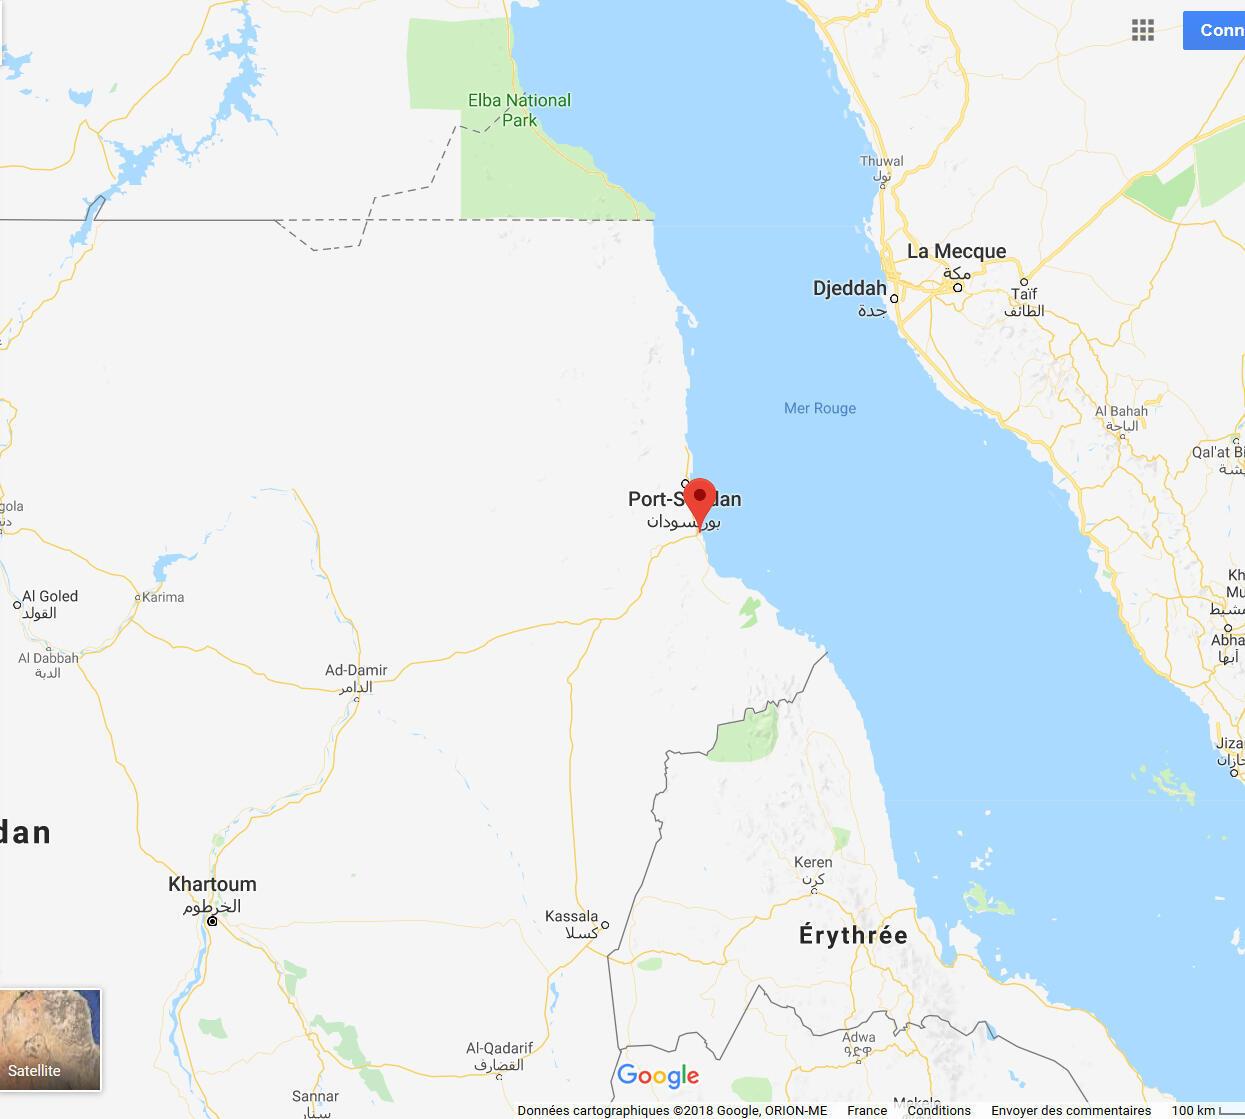 le port de Suakin, au sud de Port-Soudan, est situé sur une route maritime stratégique, celle de la mer Rouge.